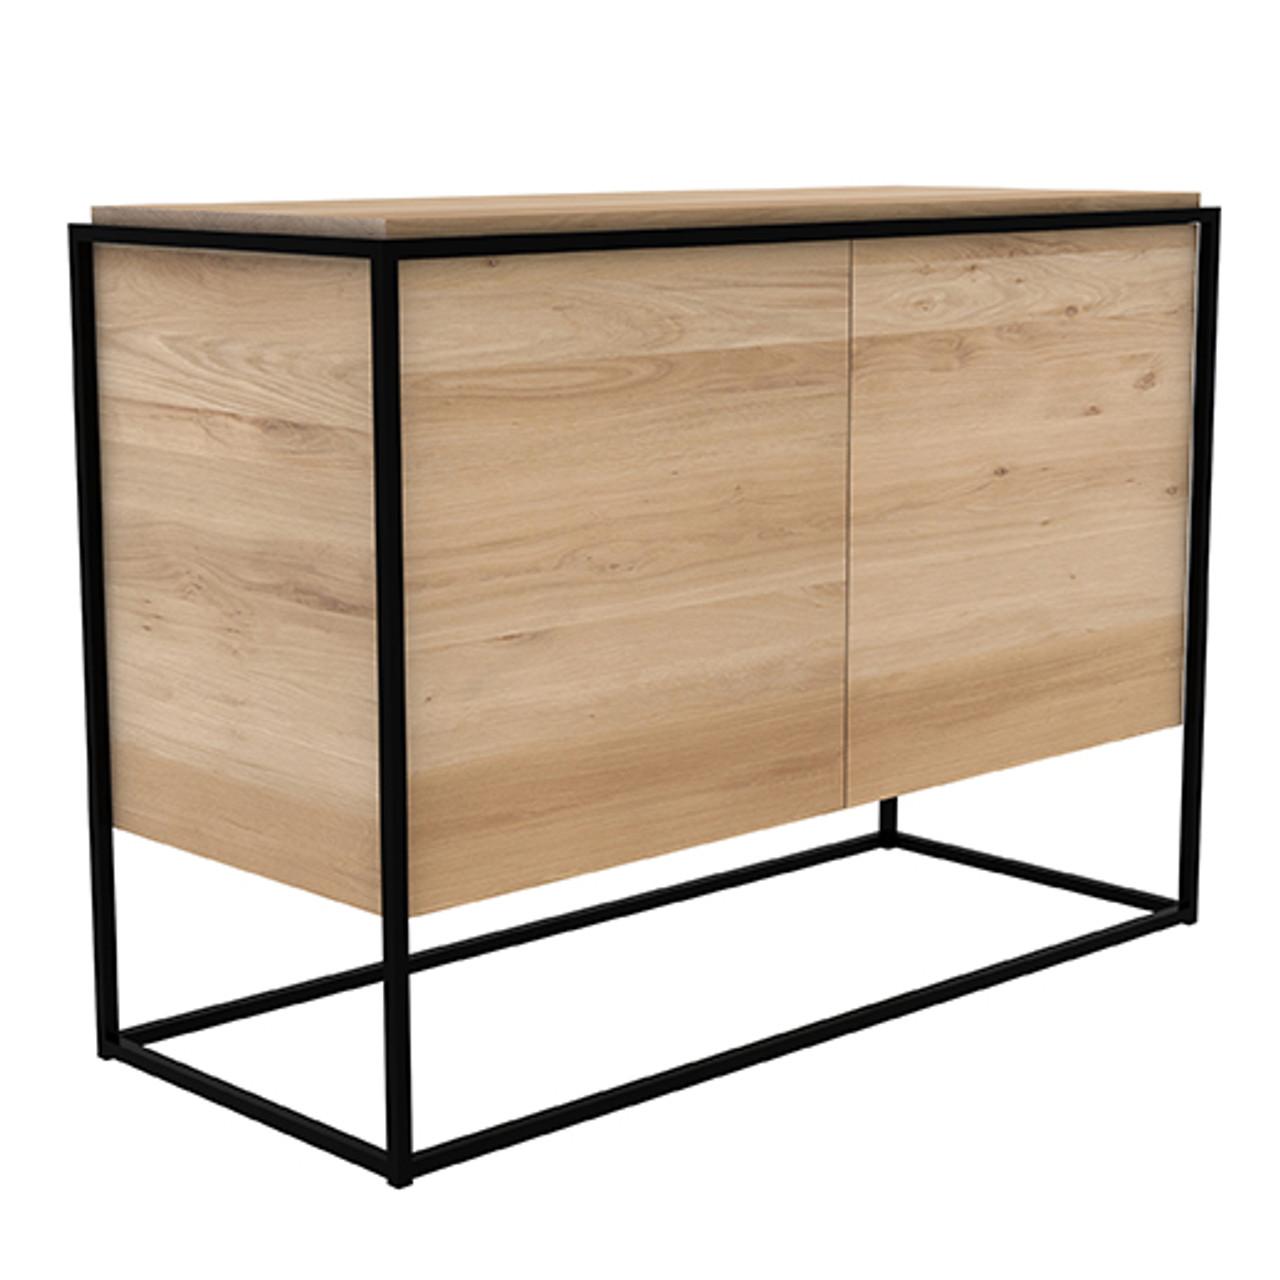 Frame Oak Monolit Sideboard